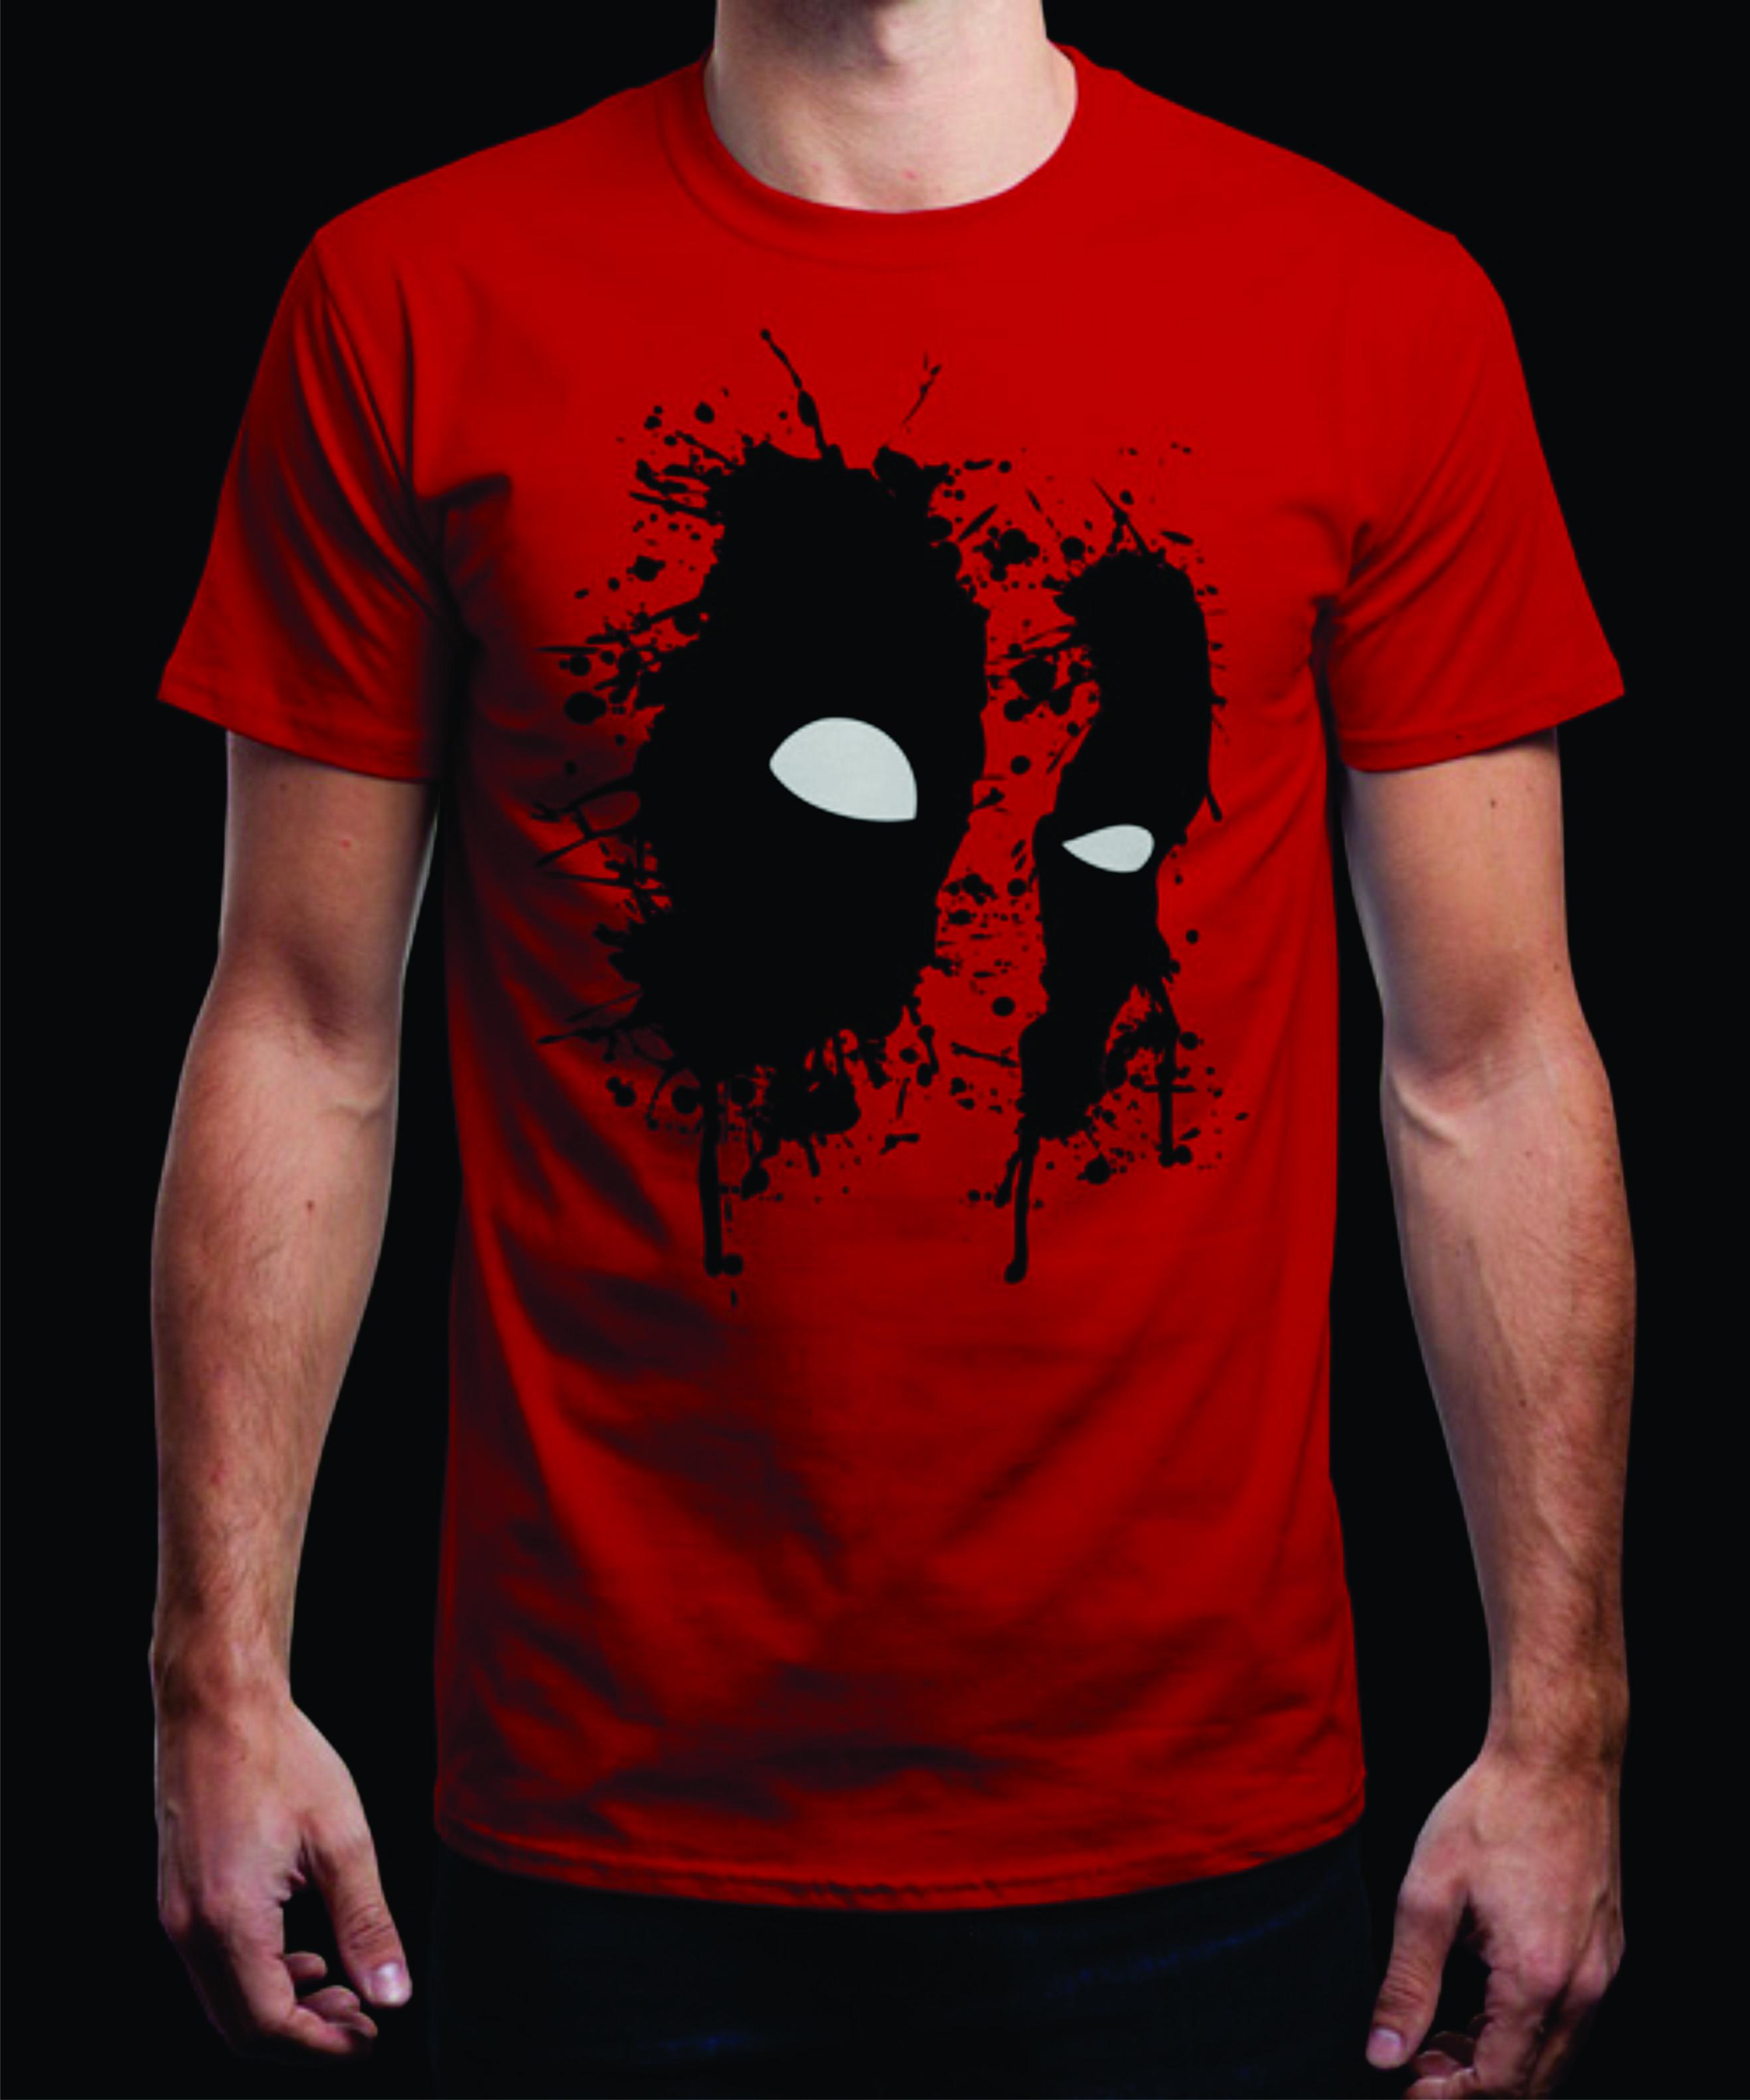 d4f33e9da4 Loja Das Camisetas ( lojadascamisetas)